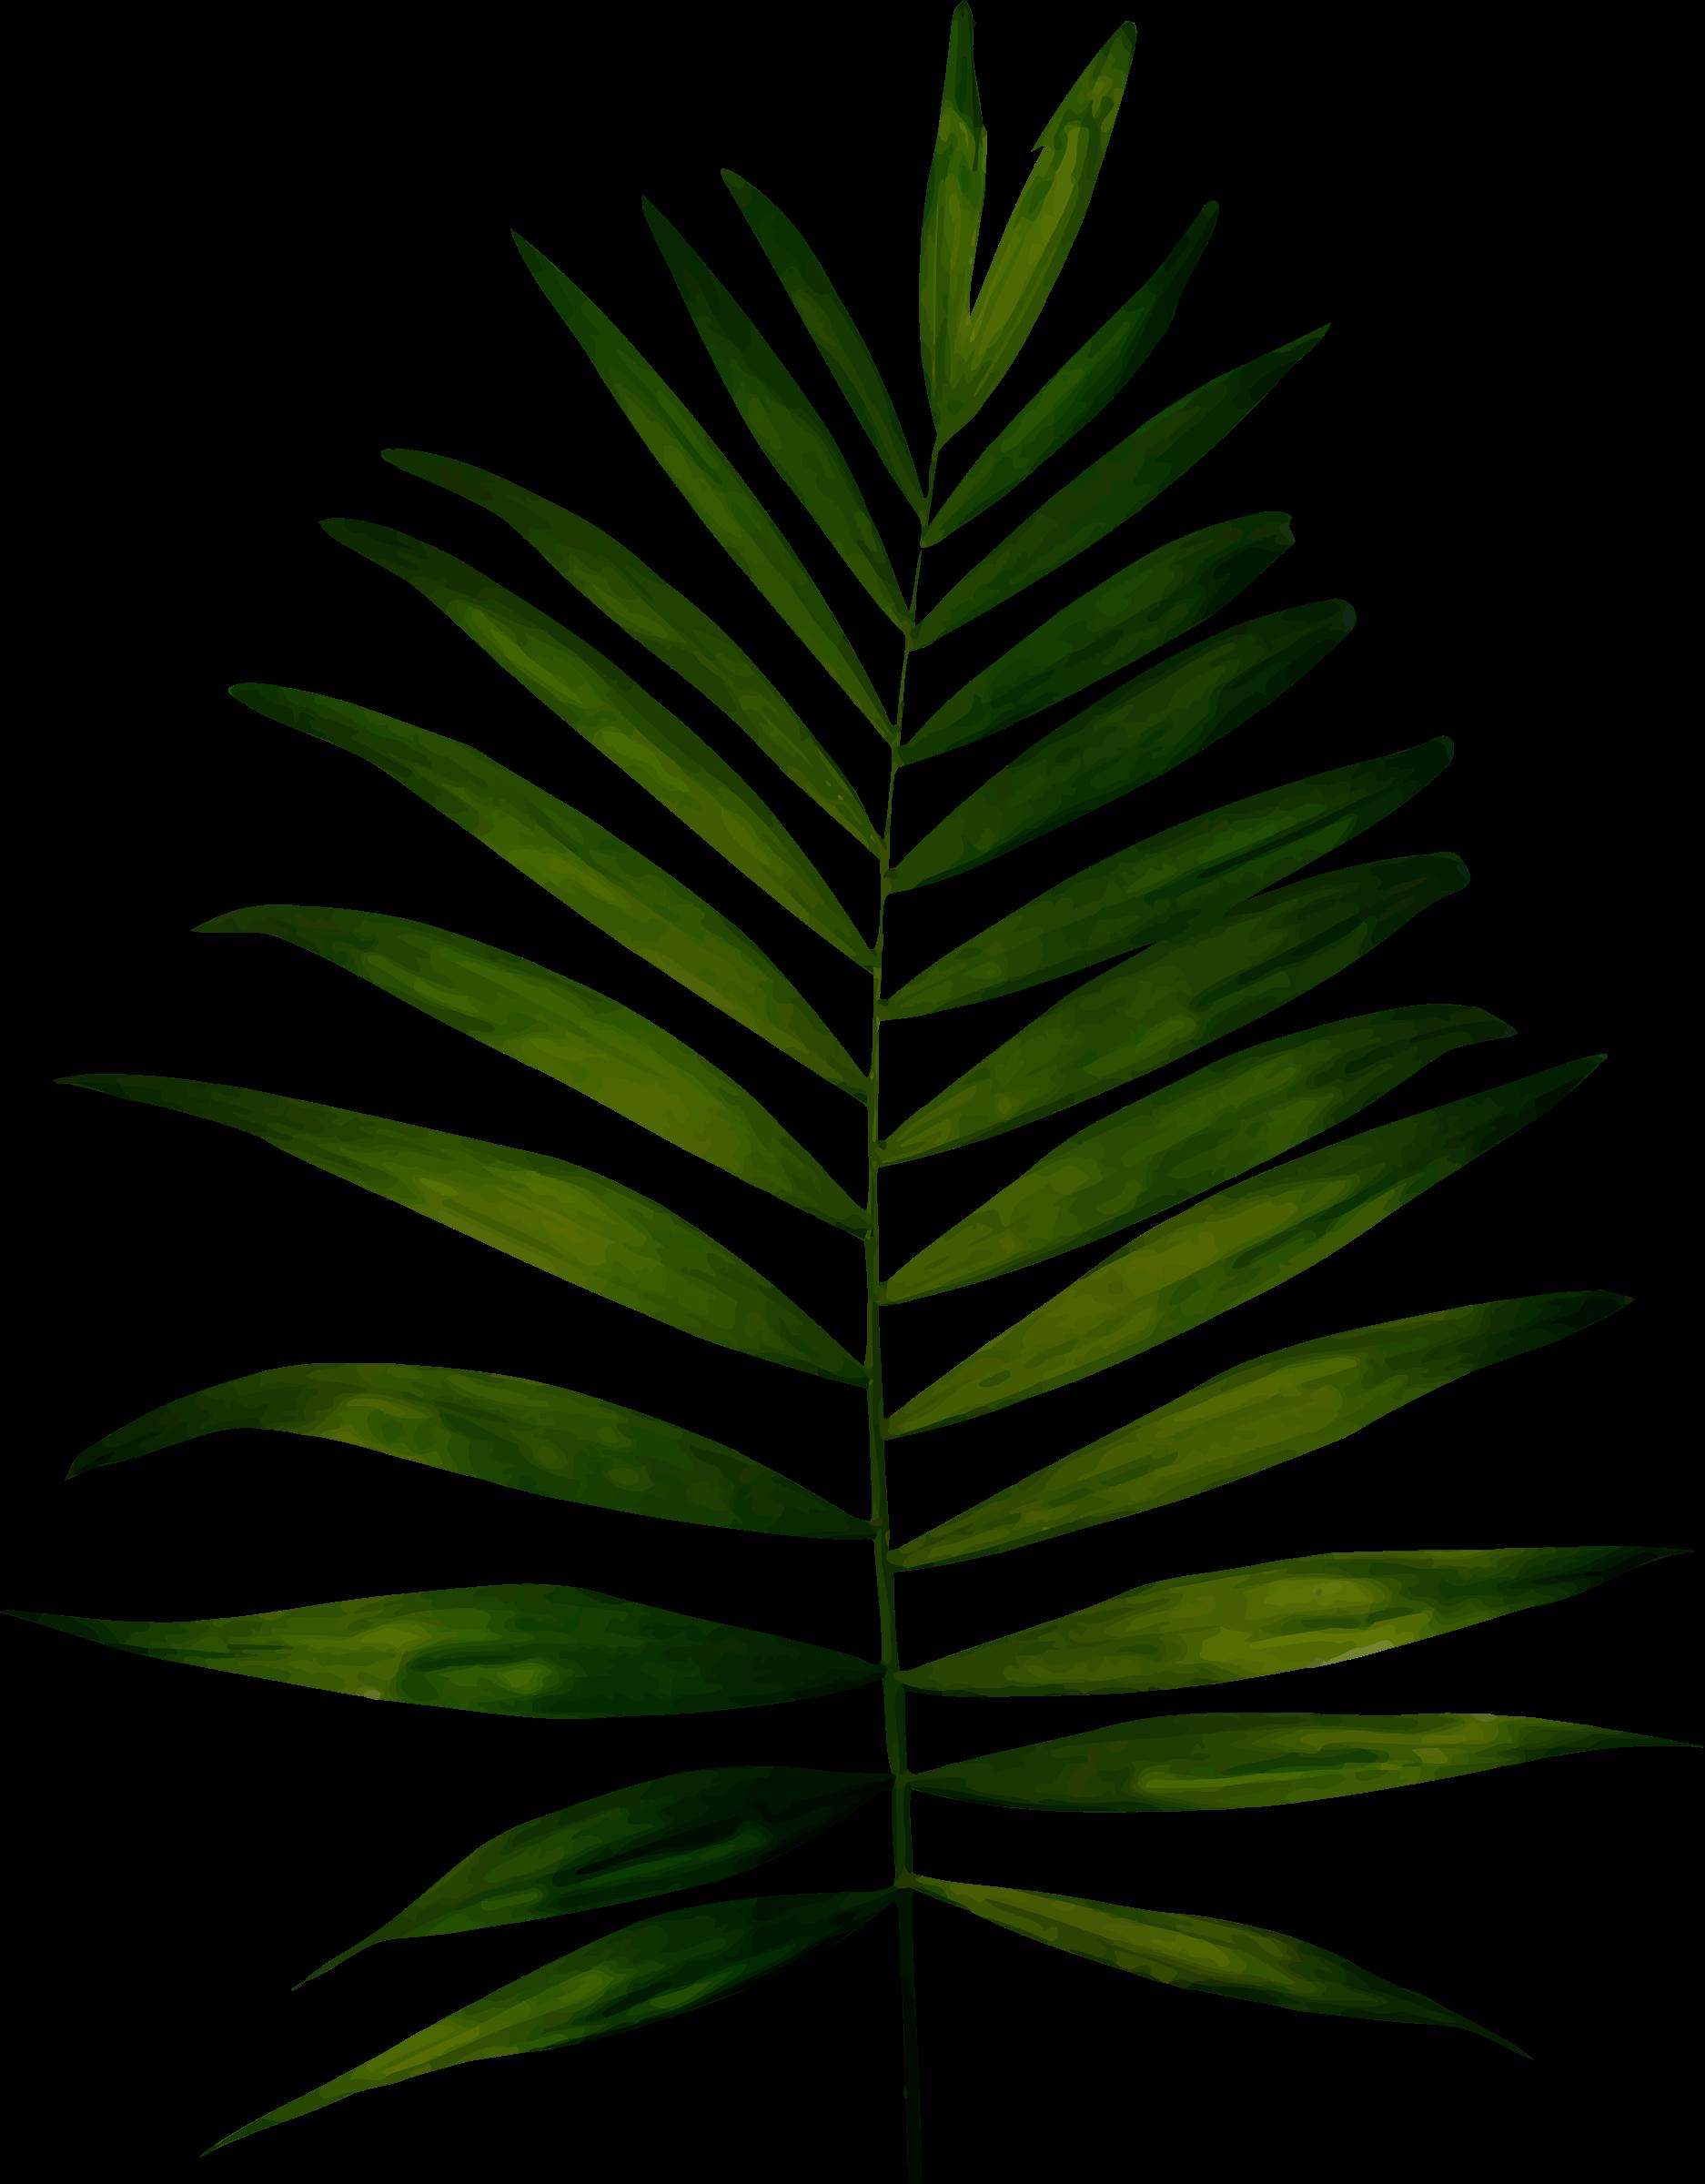 Big image png. Woodland clipart fern leaf